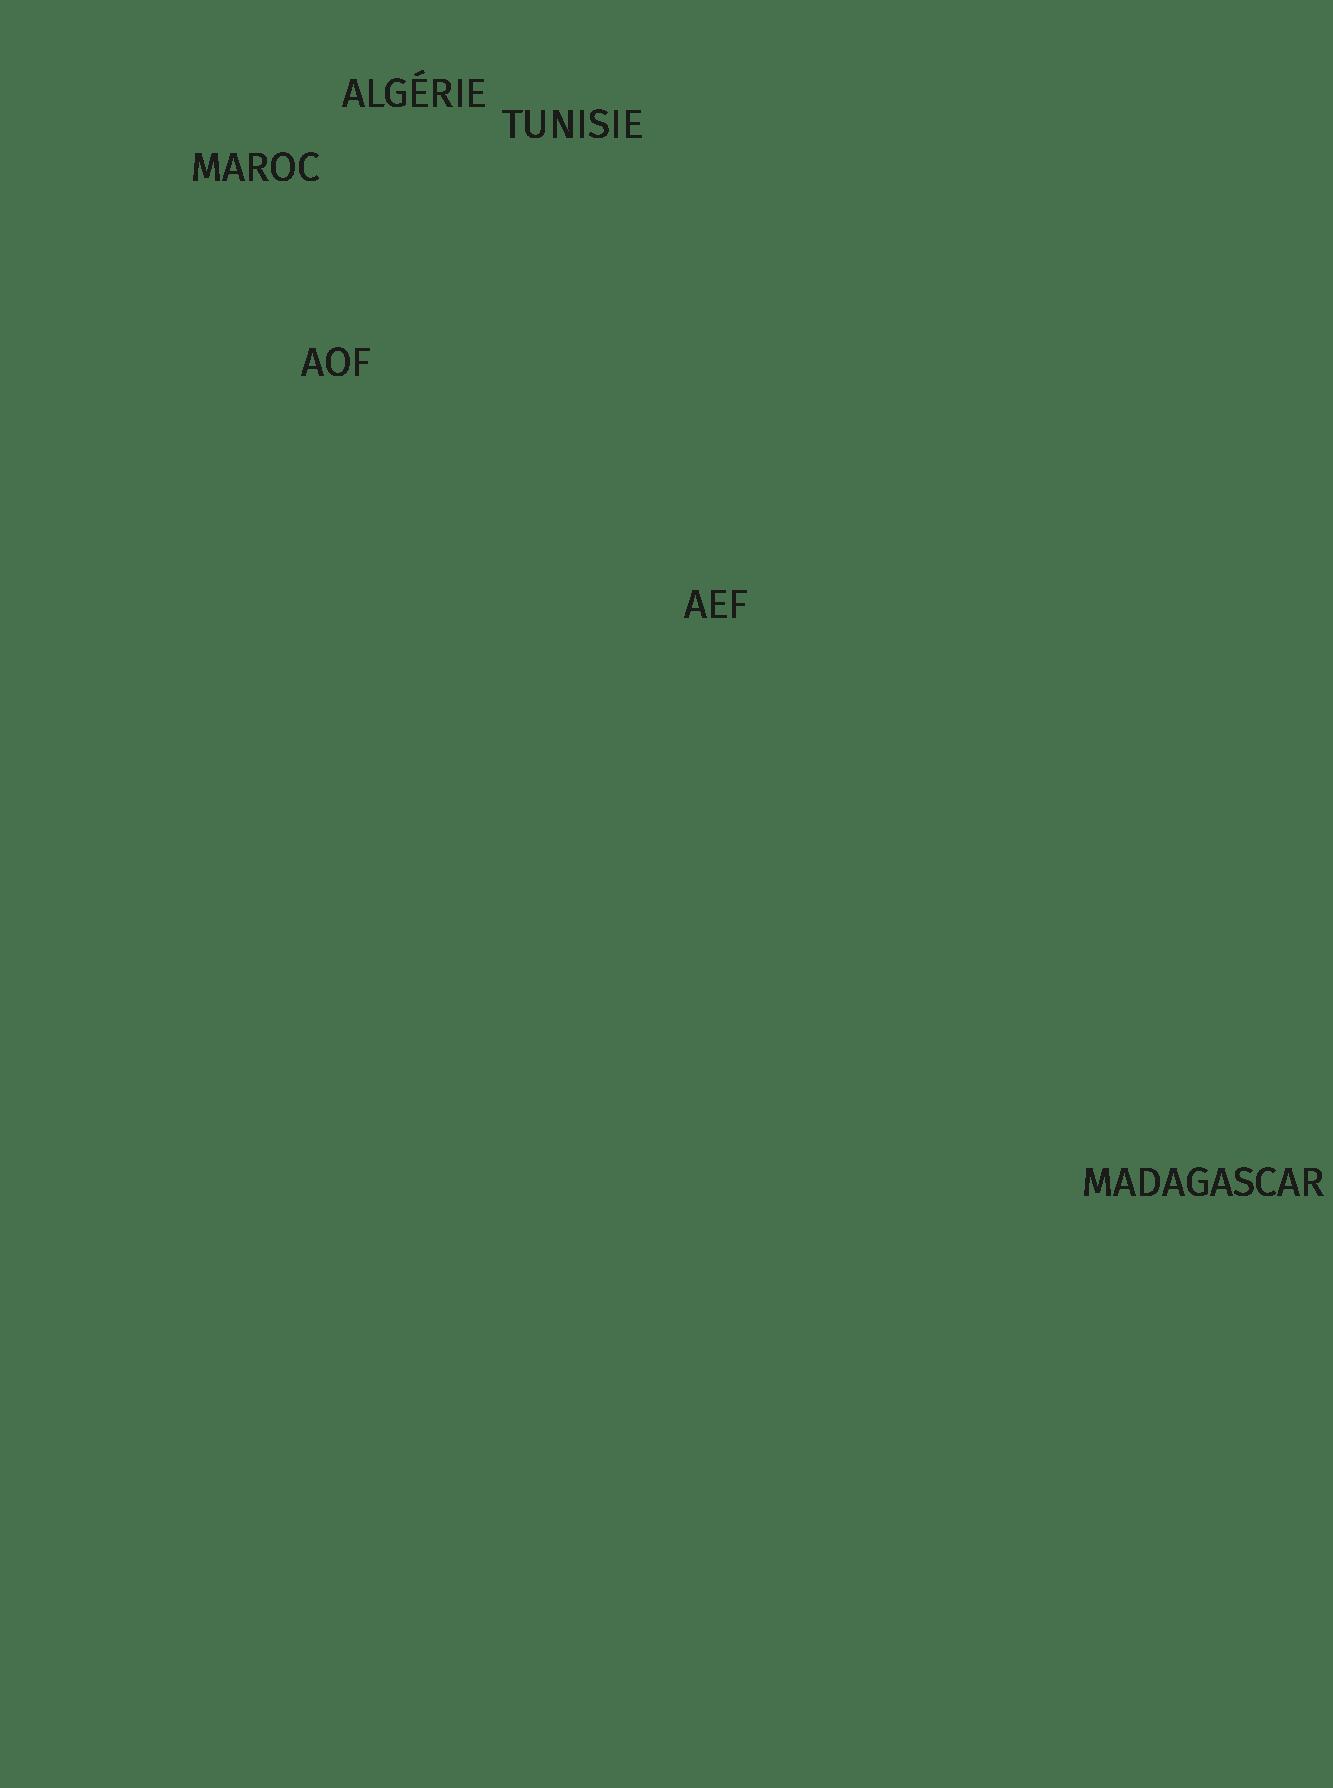 Colonies et protectorats Français (texte)